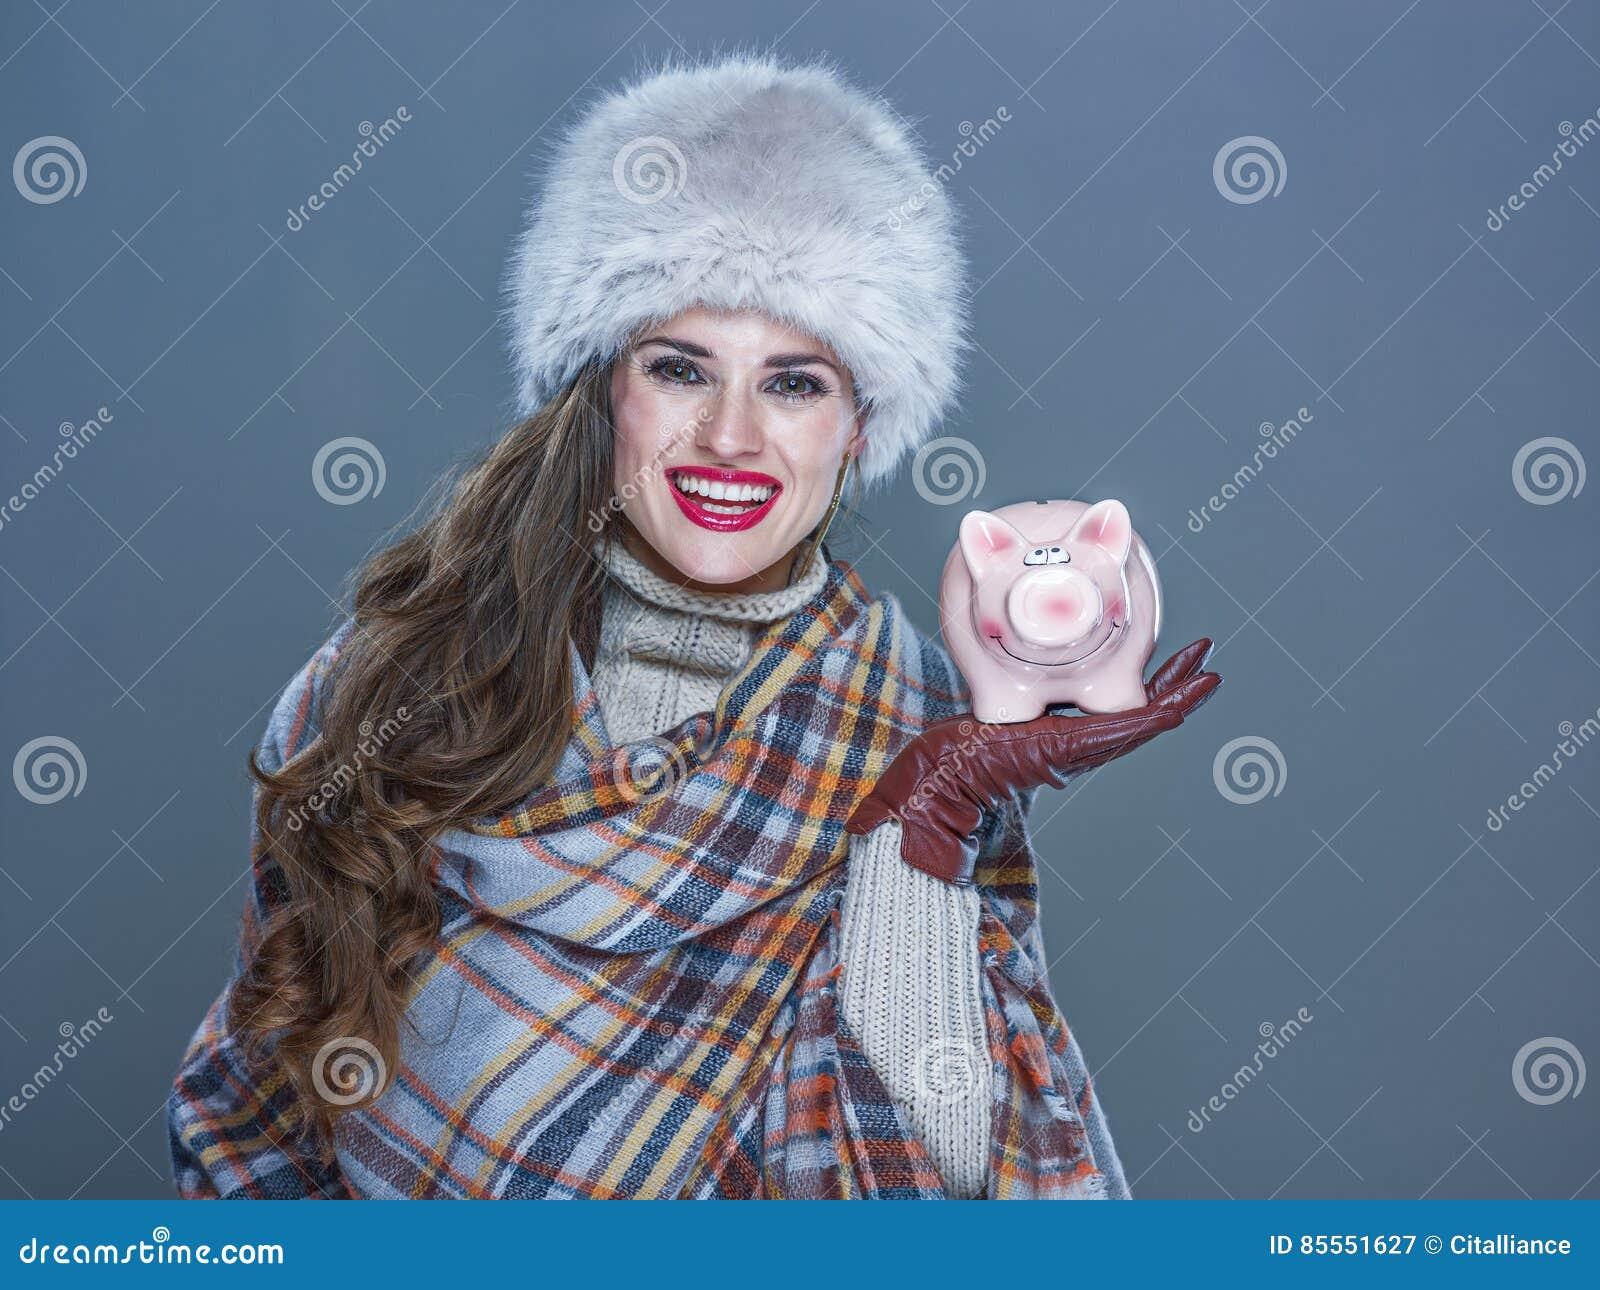 Glückliche Frau lokalisiert auf dem kalten blauen Hintergrund, der Sparschwein zeigt